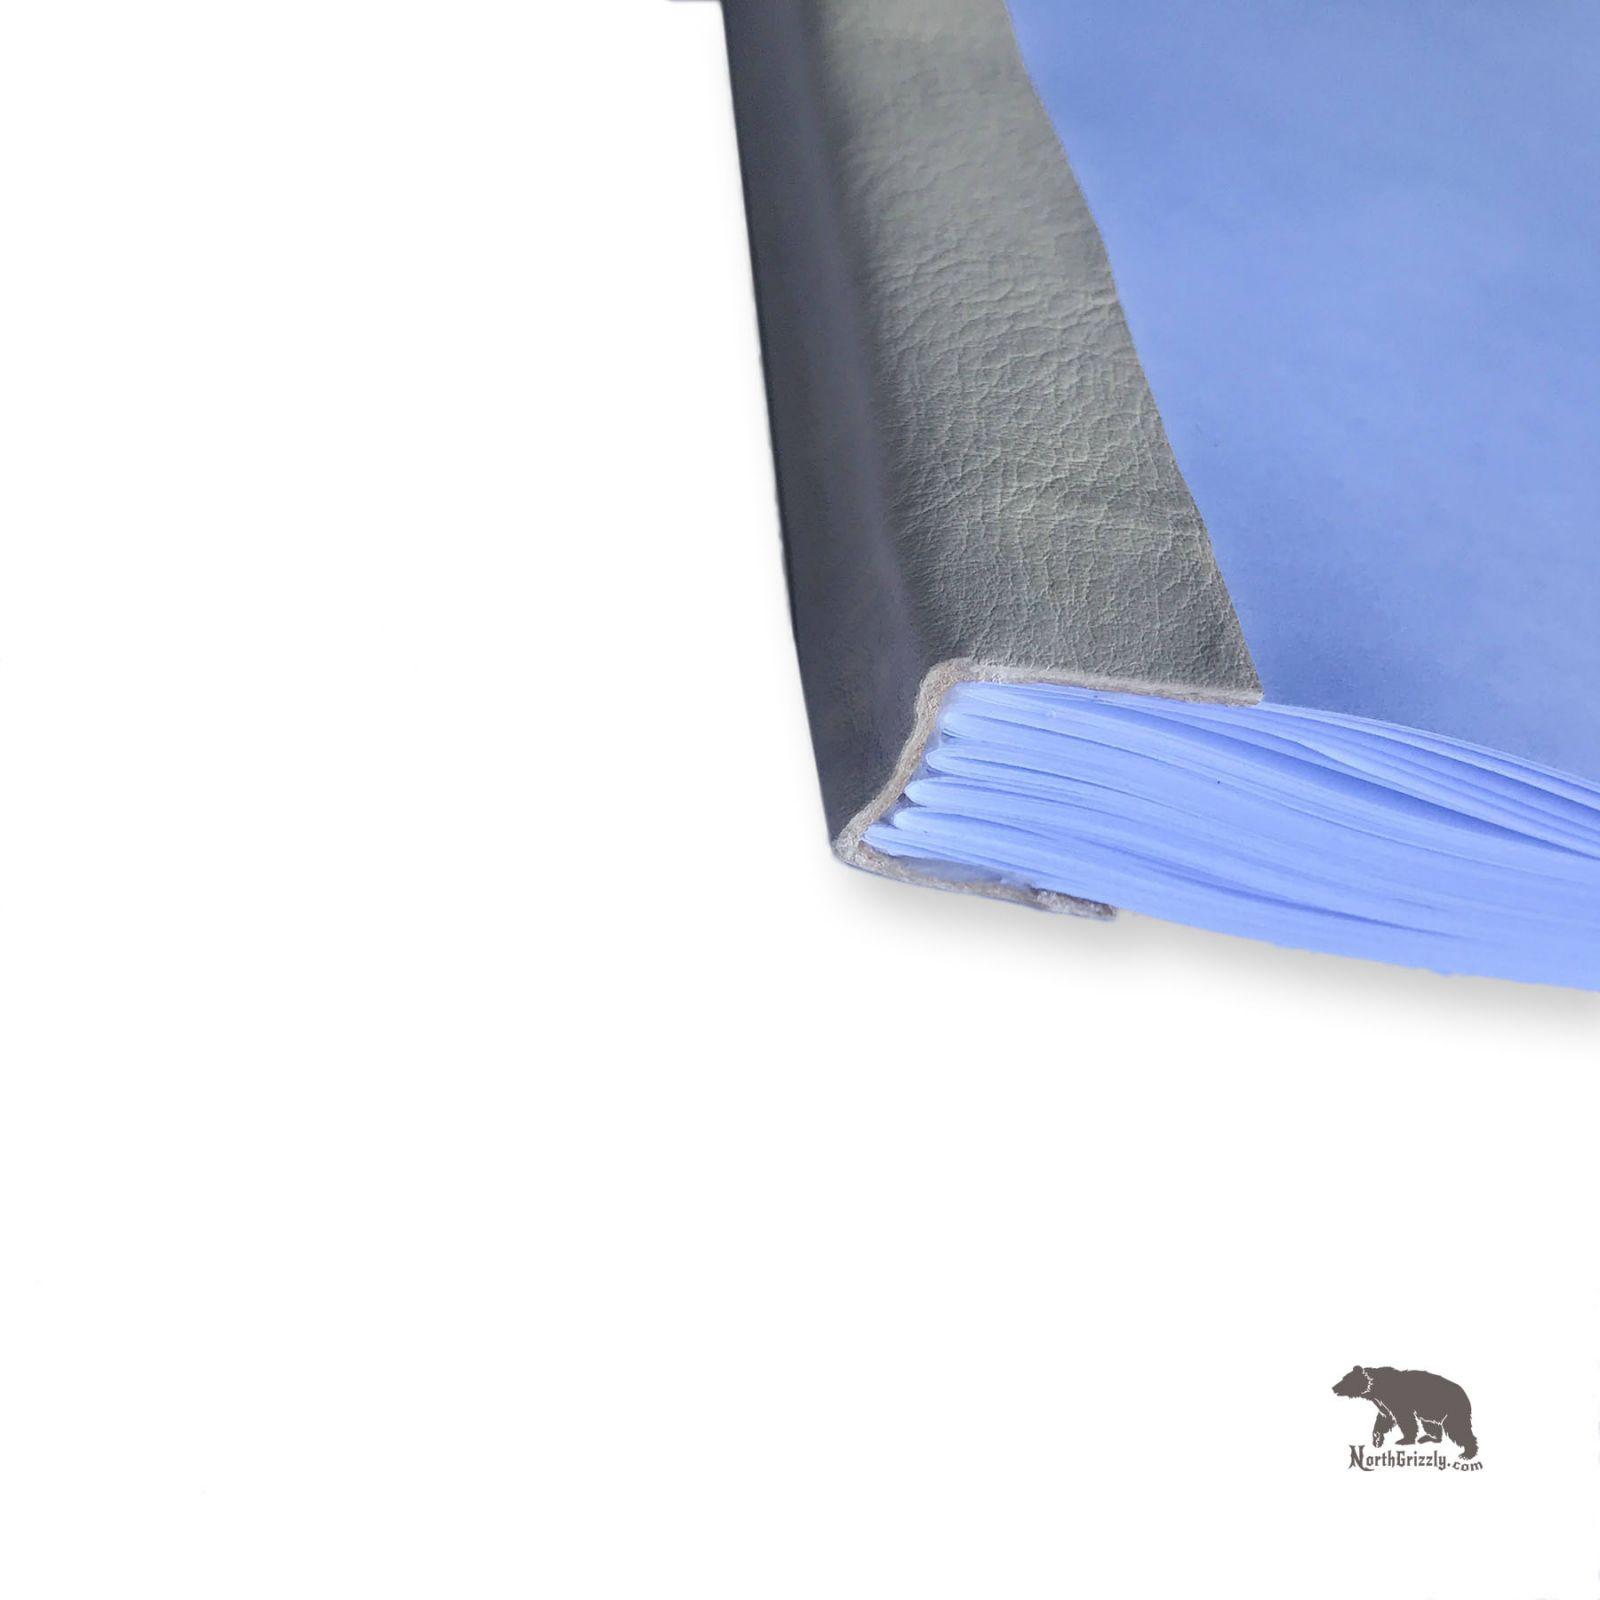 rankomis rista popieriaus knyga uzrasine dienorastis darbo knyga balti lapai ranku darbo dovanos vyrams 242